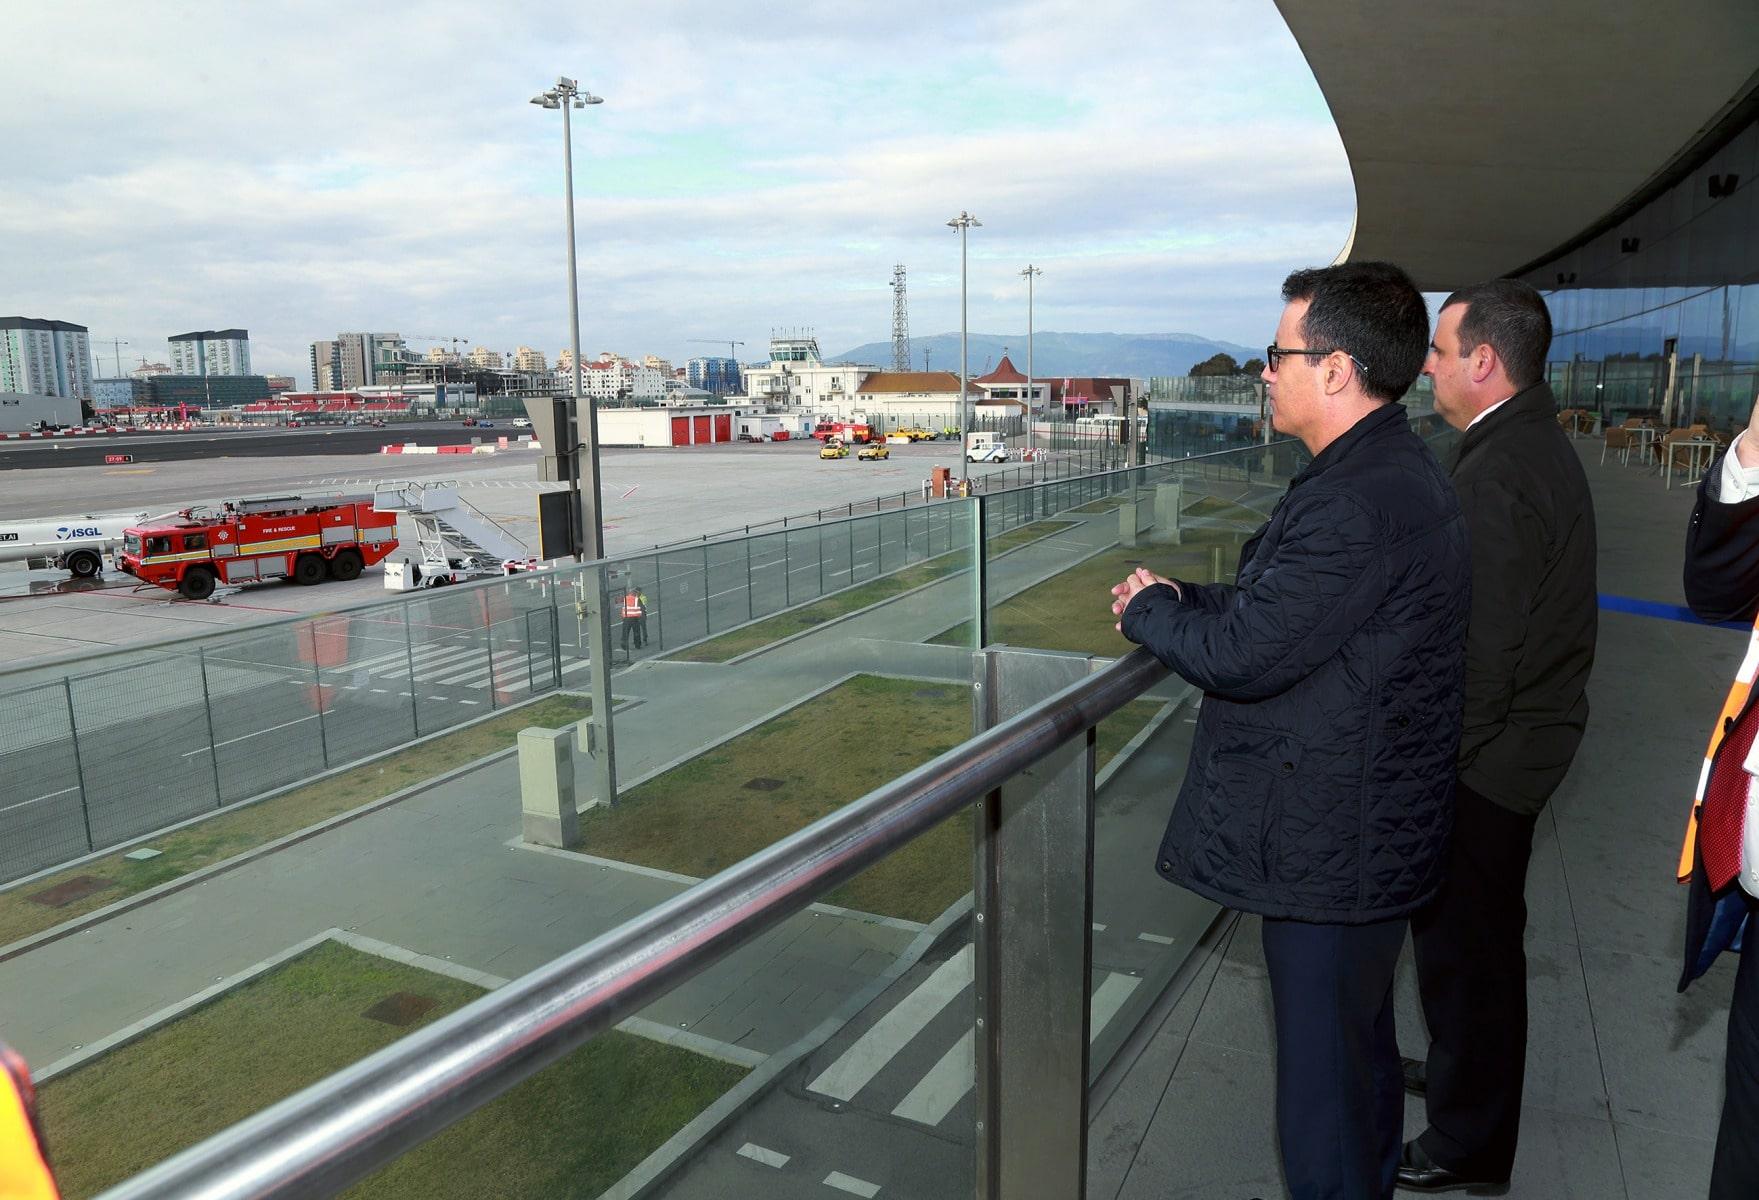 joseph-garca-viceministro-principal-de-gibraltar-el-9-feb-2016-durante-un-simulacro-de-incidente-en-el-aeropuerto-de-gibraltar_24286853364_o